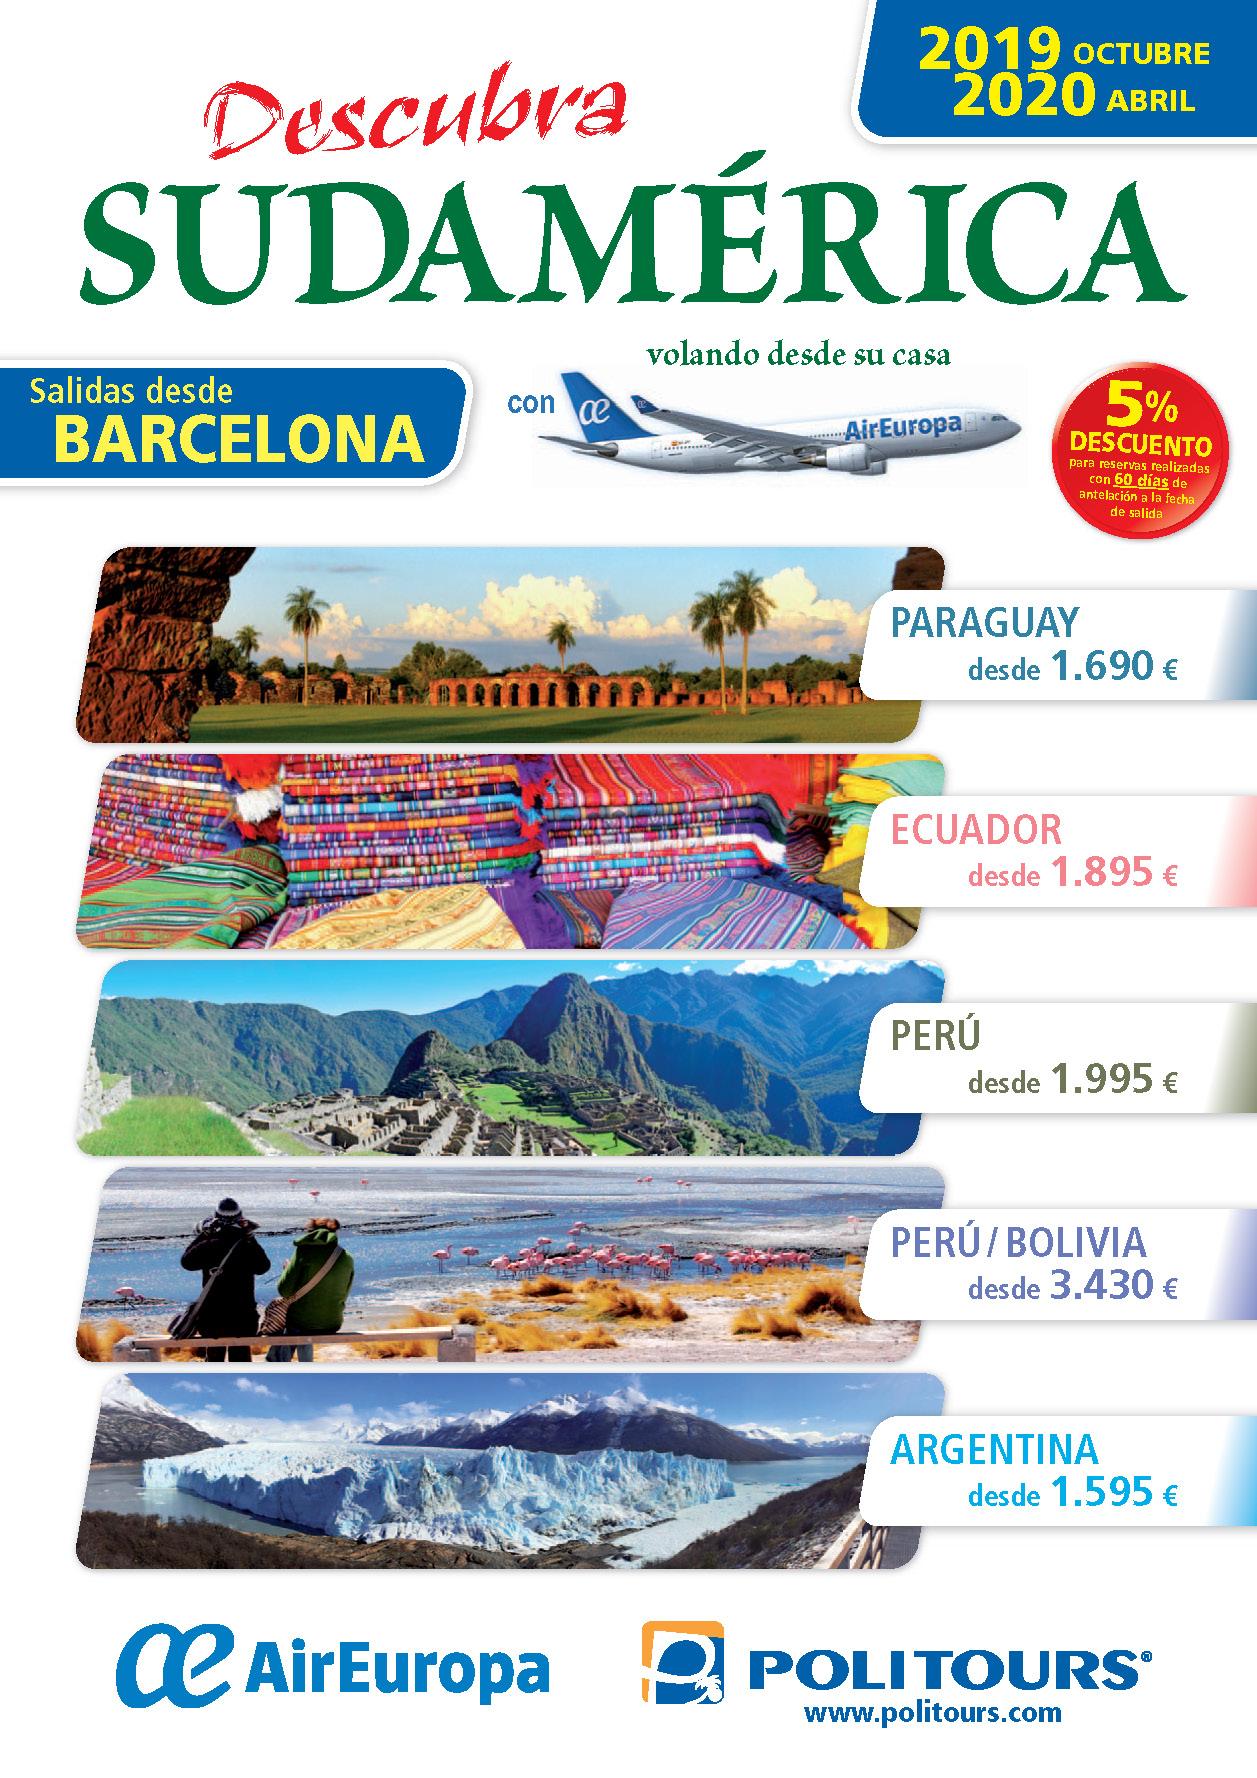 Catalogo Politours Sudamerica desde Barcelona 2019-2020